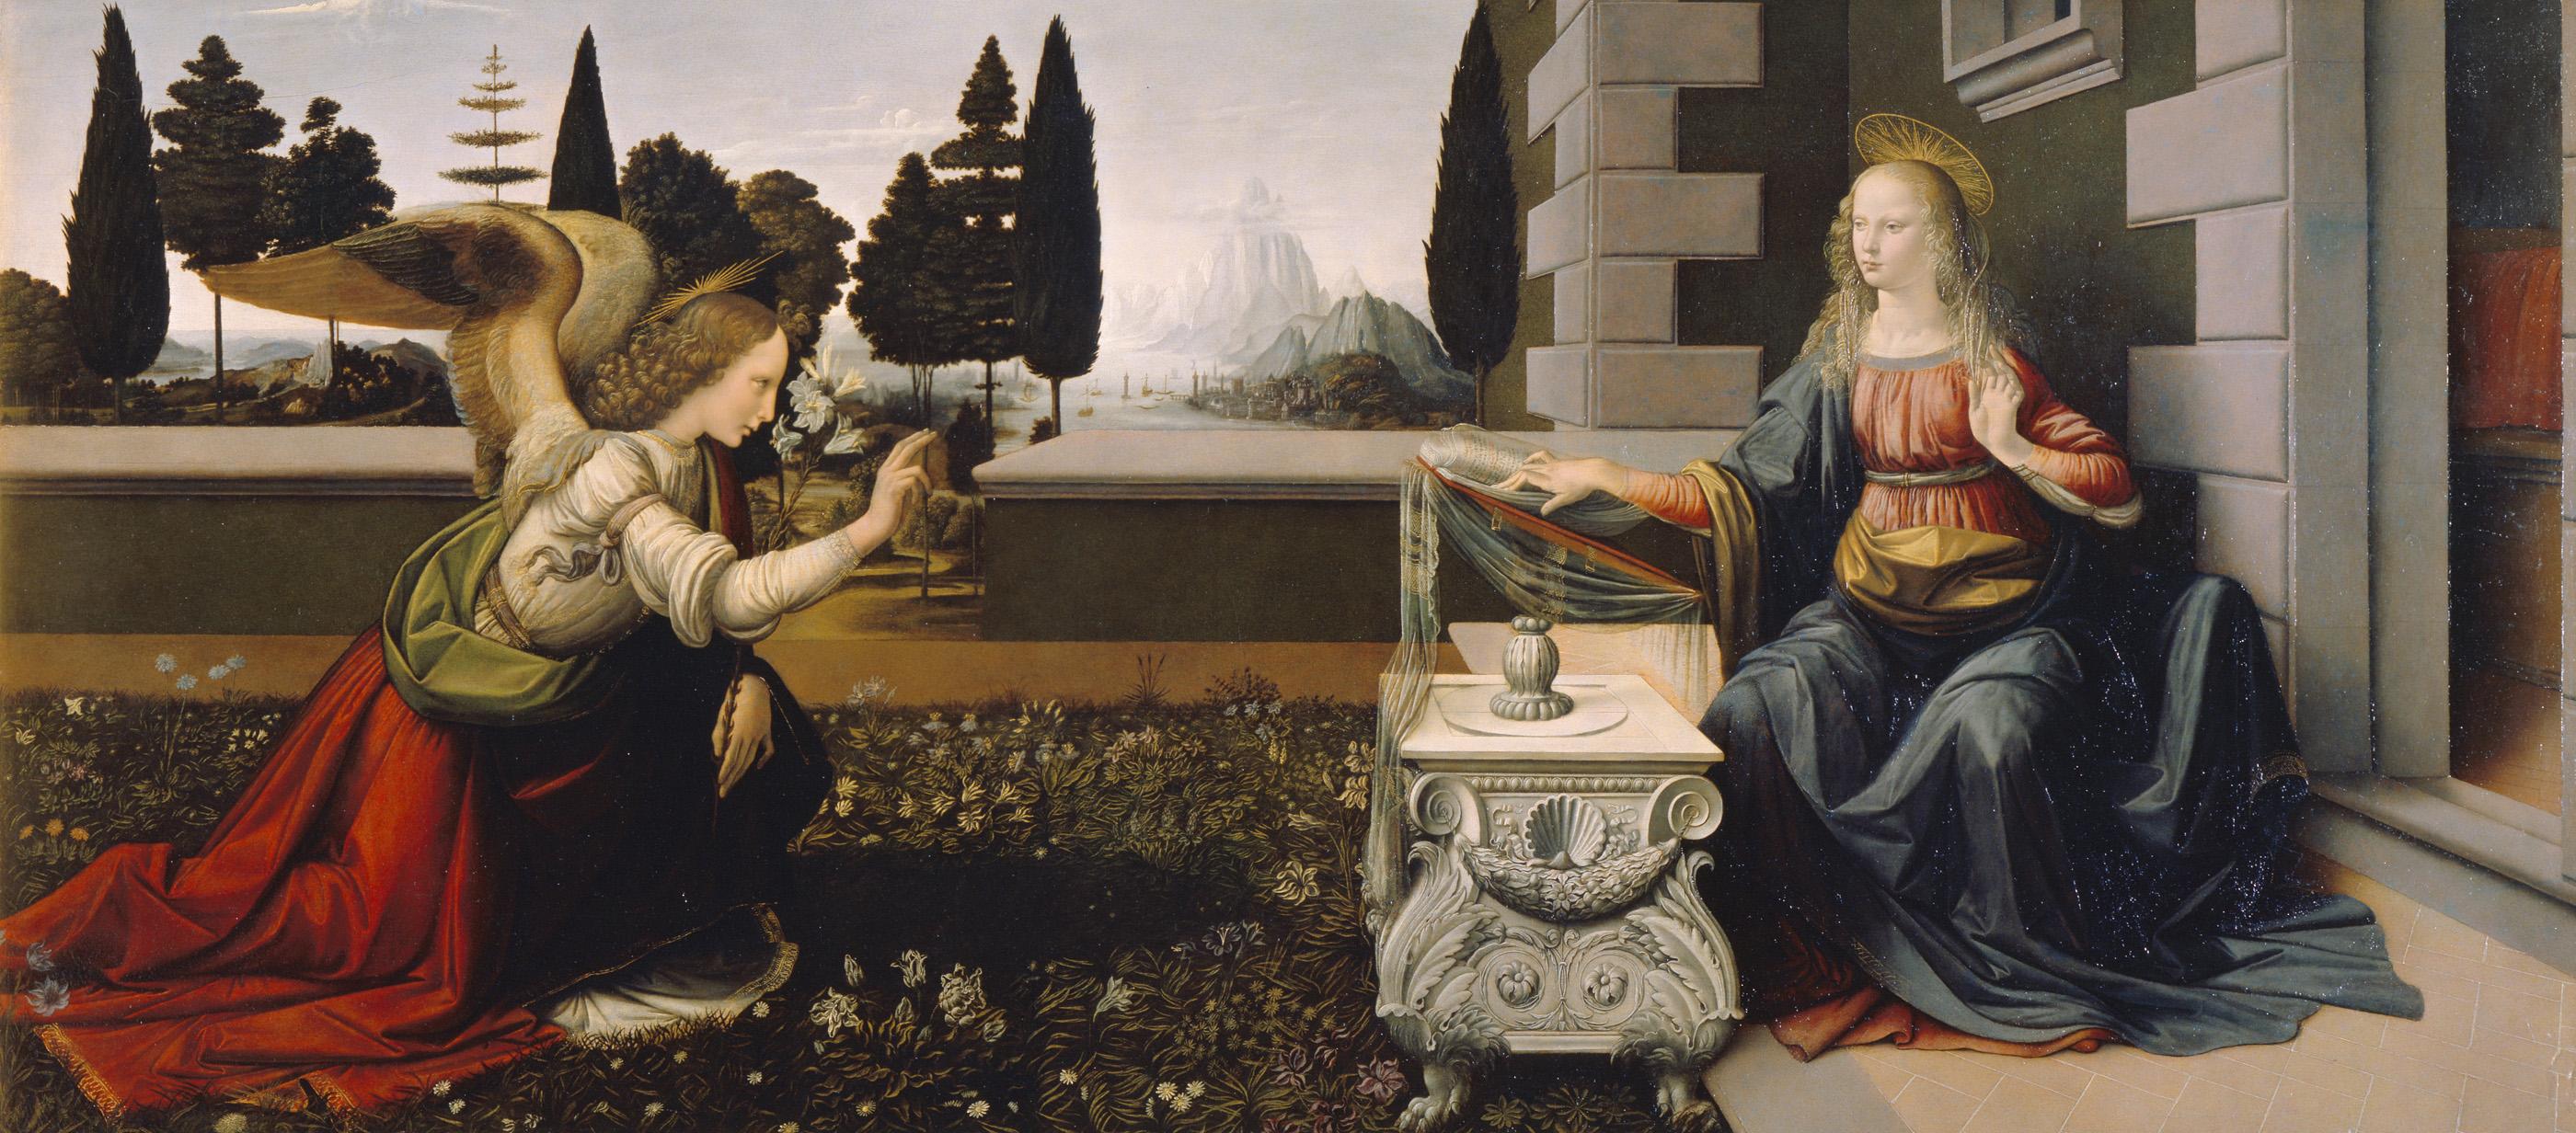 Annunciation, by Leonardo da Vinci, c. 1472–75. Uffizi Gallery, Florence, Italy.